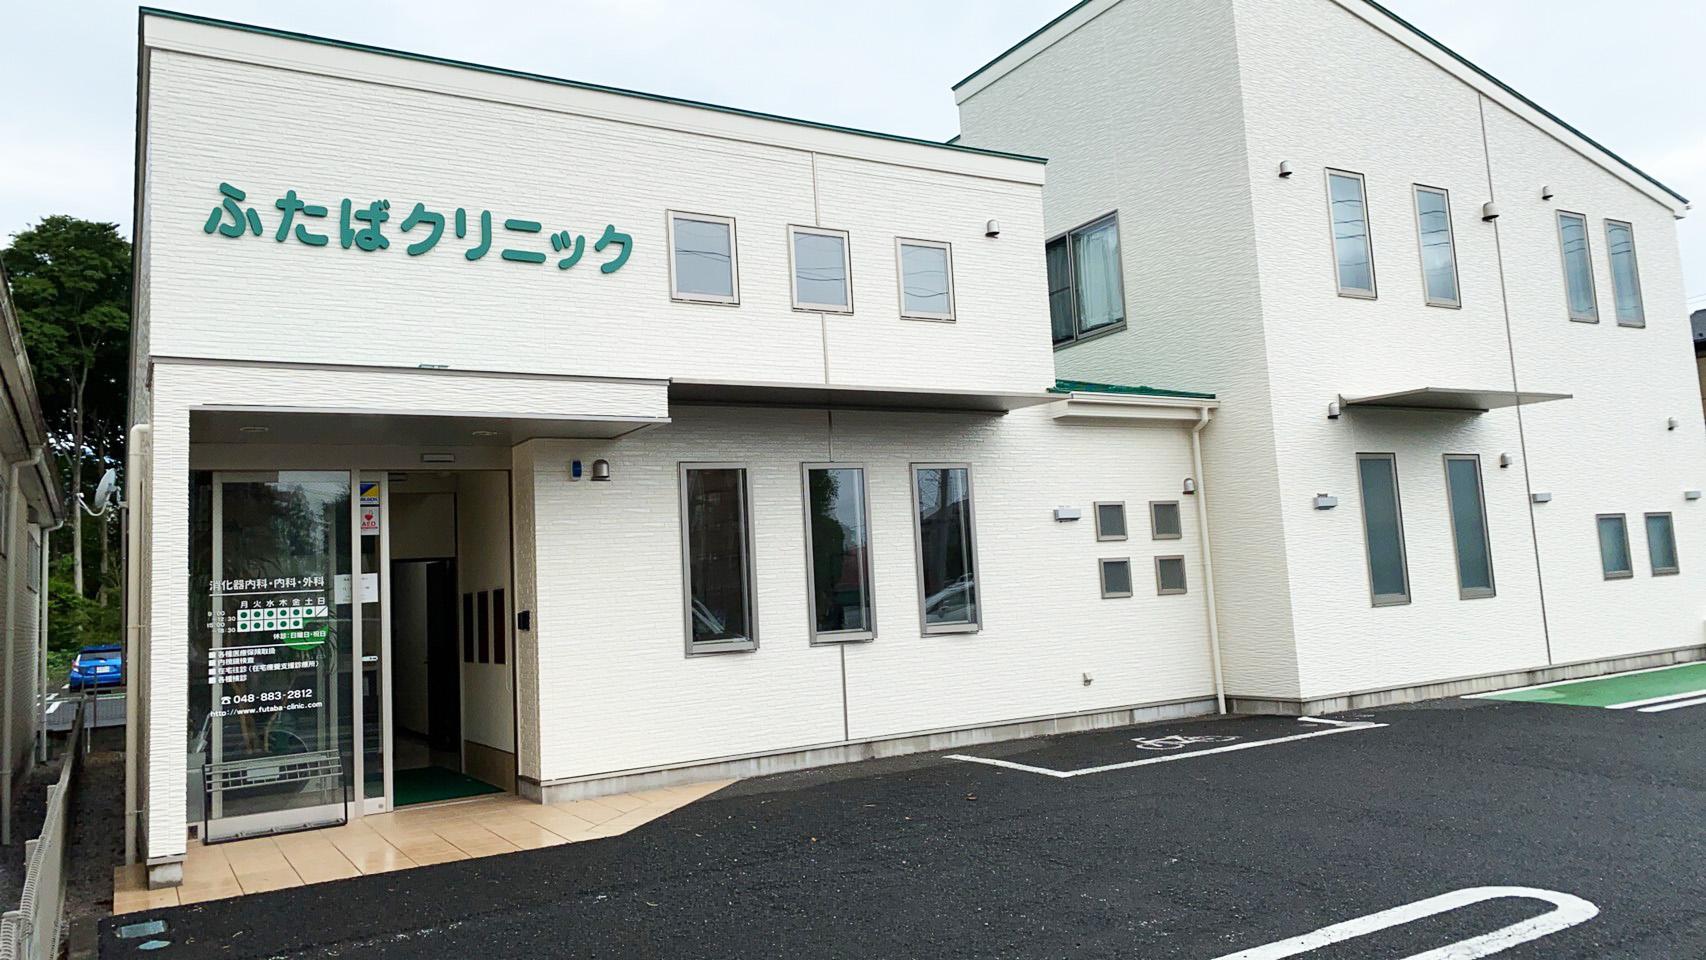 ふたばクリニック様外壁塗り替え(埼玉県さいたま市)